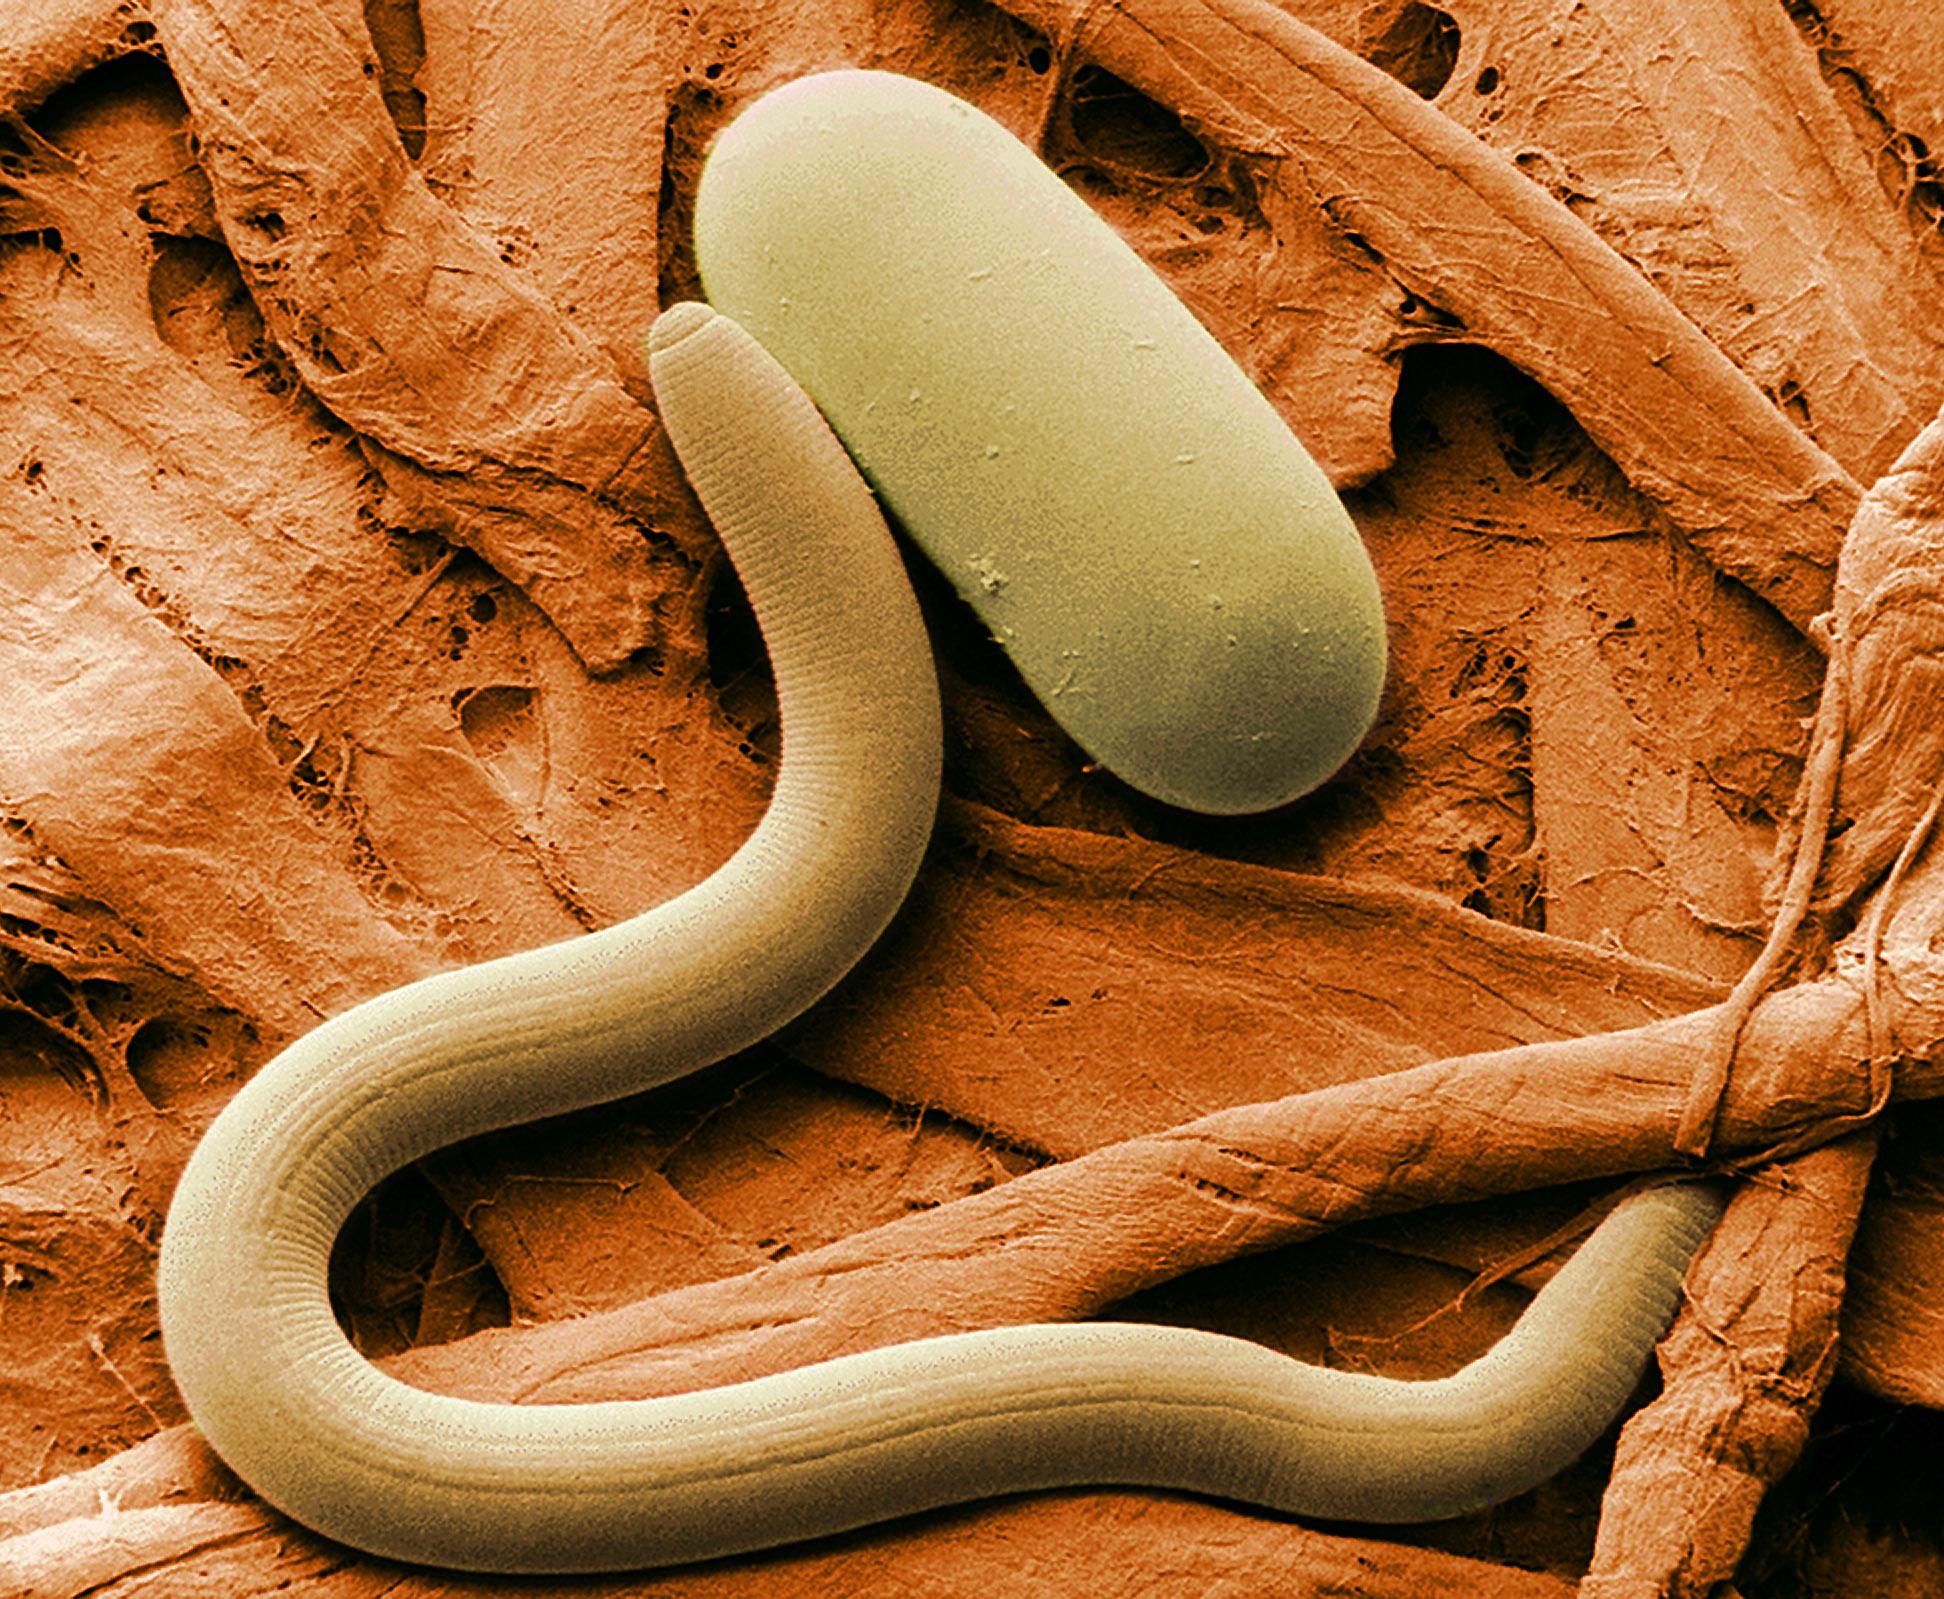 Osobnik młodociany i cytrynkowata cysta mątwika Heterodera glycines wypełniona larwami